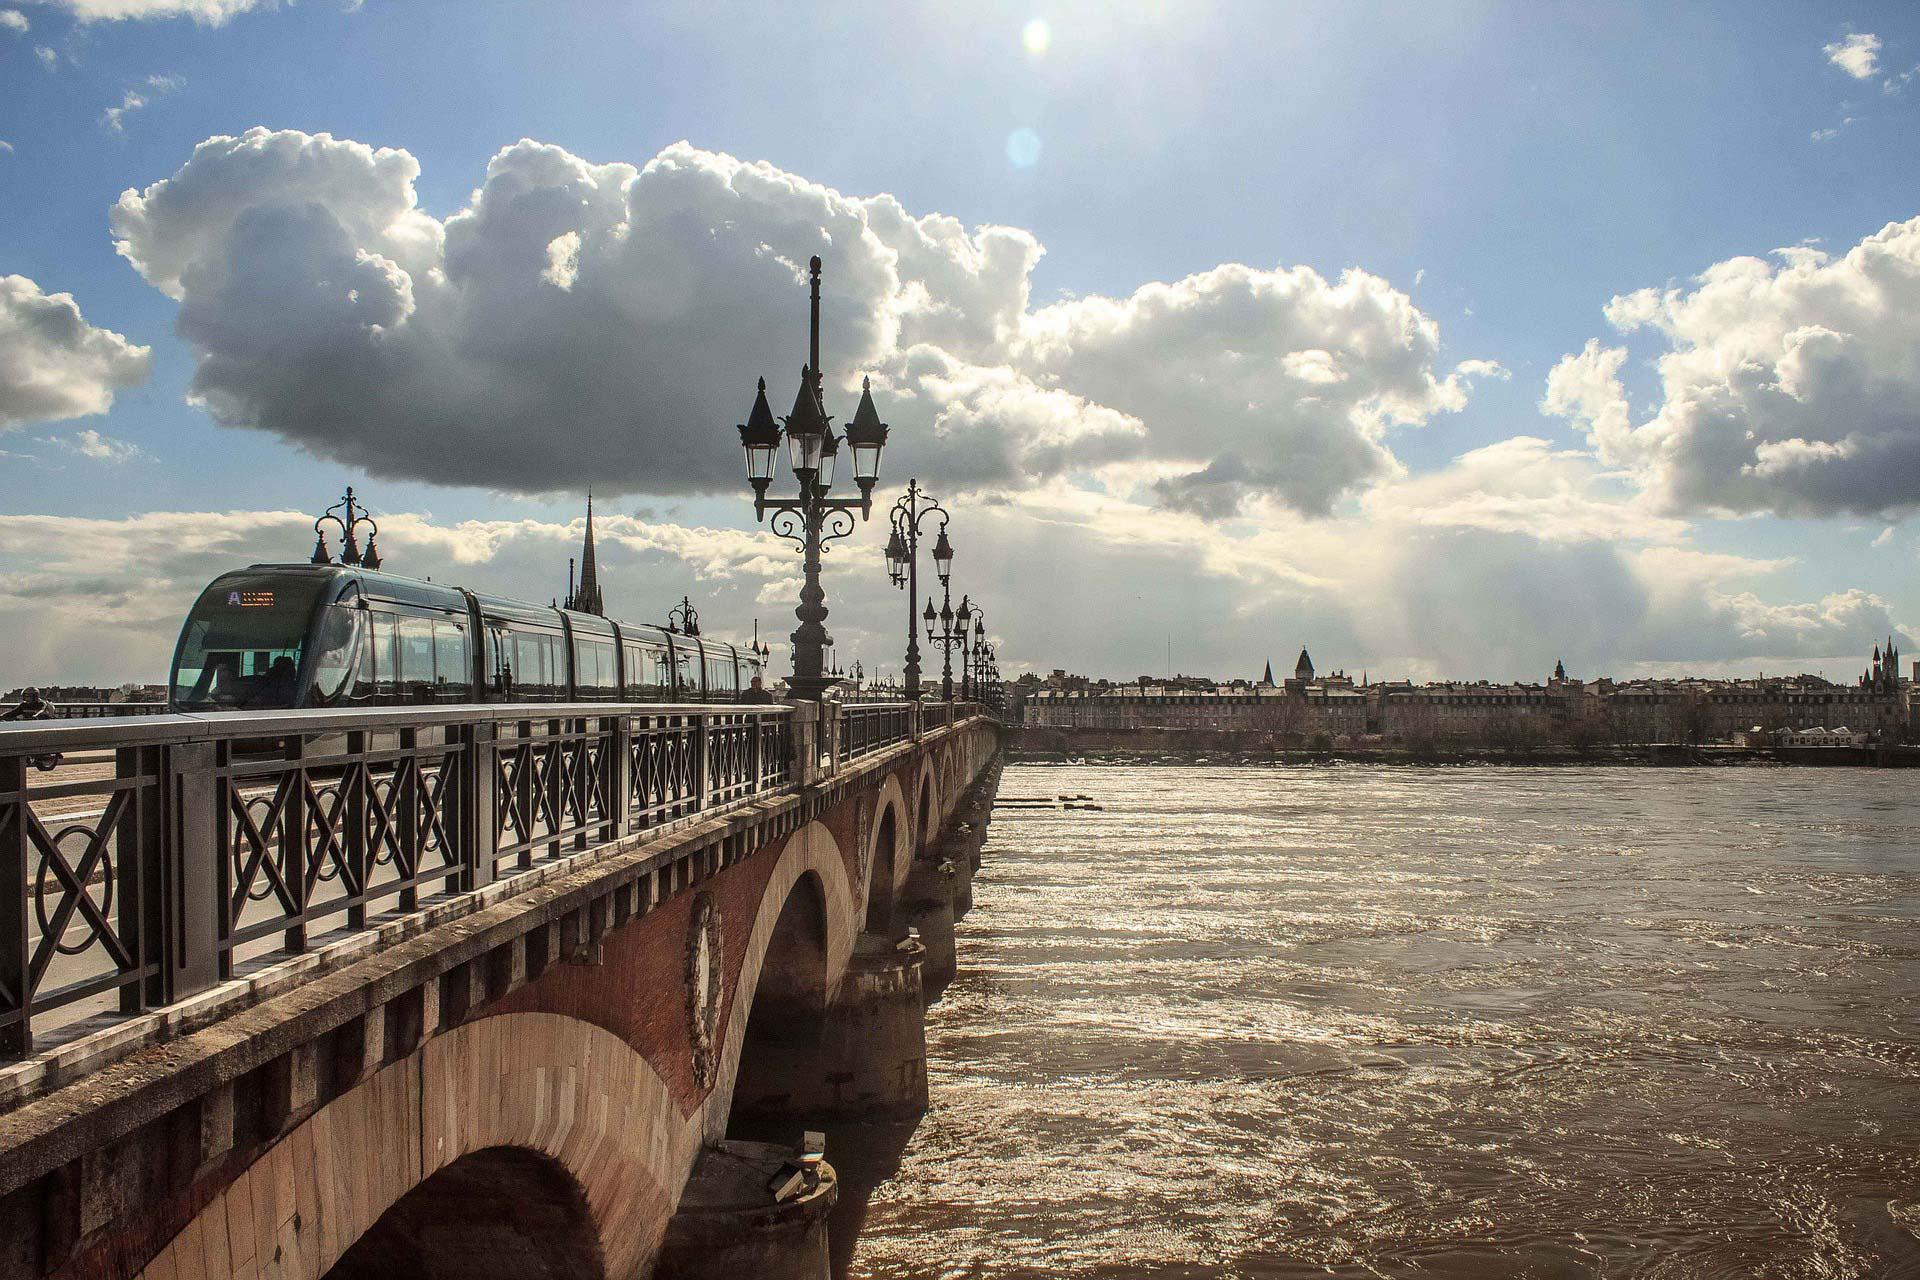 Pont de pierre samt Tram in Bordeaux - das öffentliche Verkehrsnetz ist erstaunlich gut